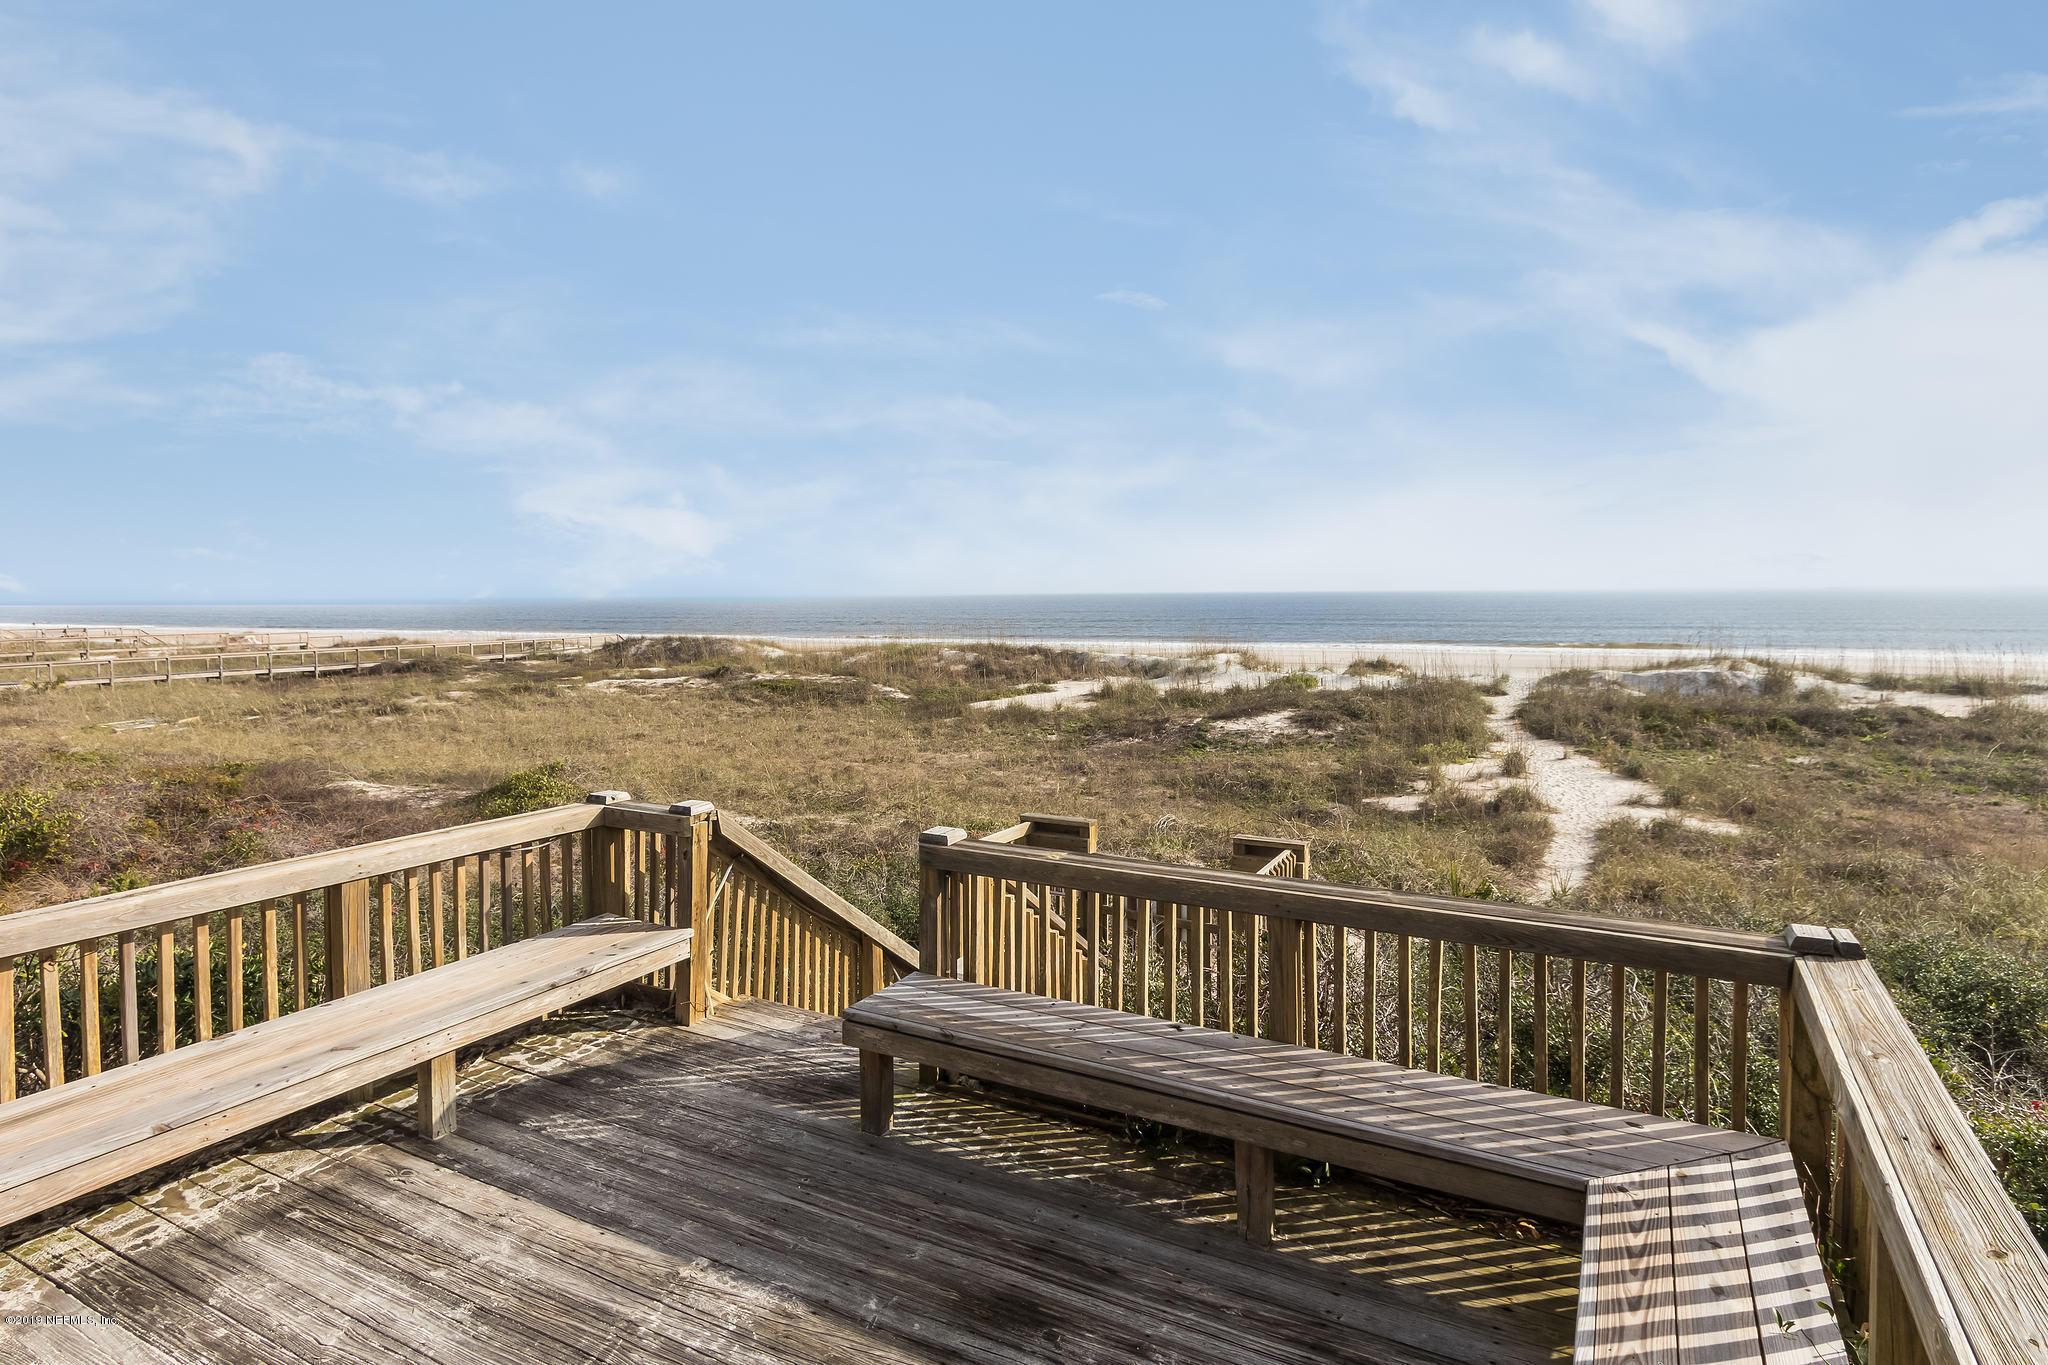 2233 SEMINOLE, ATLANTIC BEACH, FLORIDA 32233, 2 Bedrooms Bedrooms, ,1 BathroomBathrooms,Condo,For sale,SEMINOLE,1006332